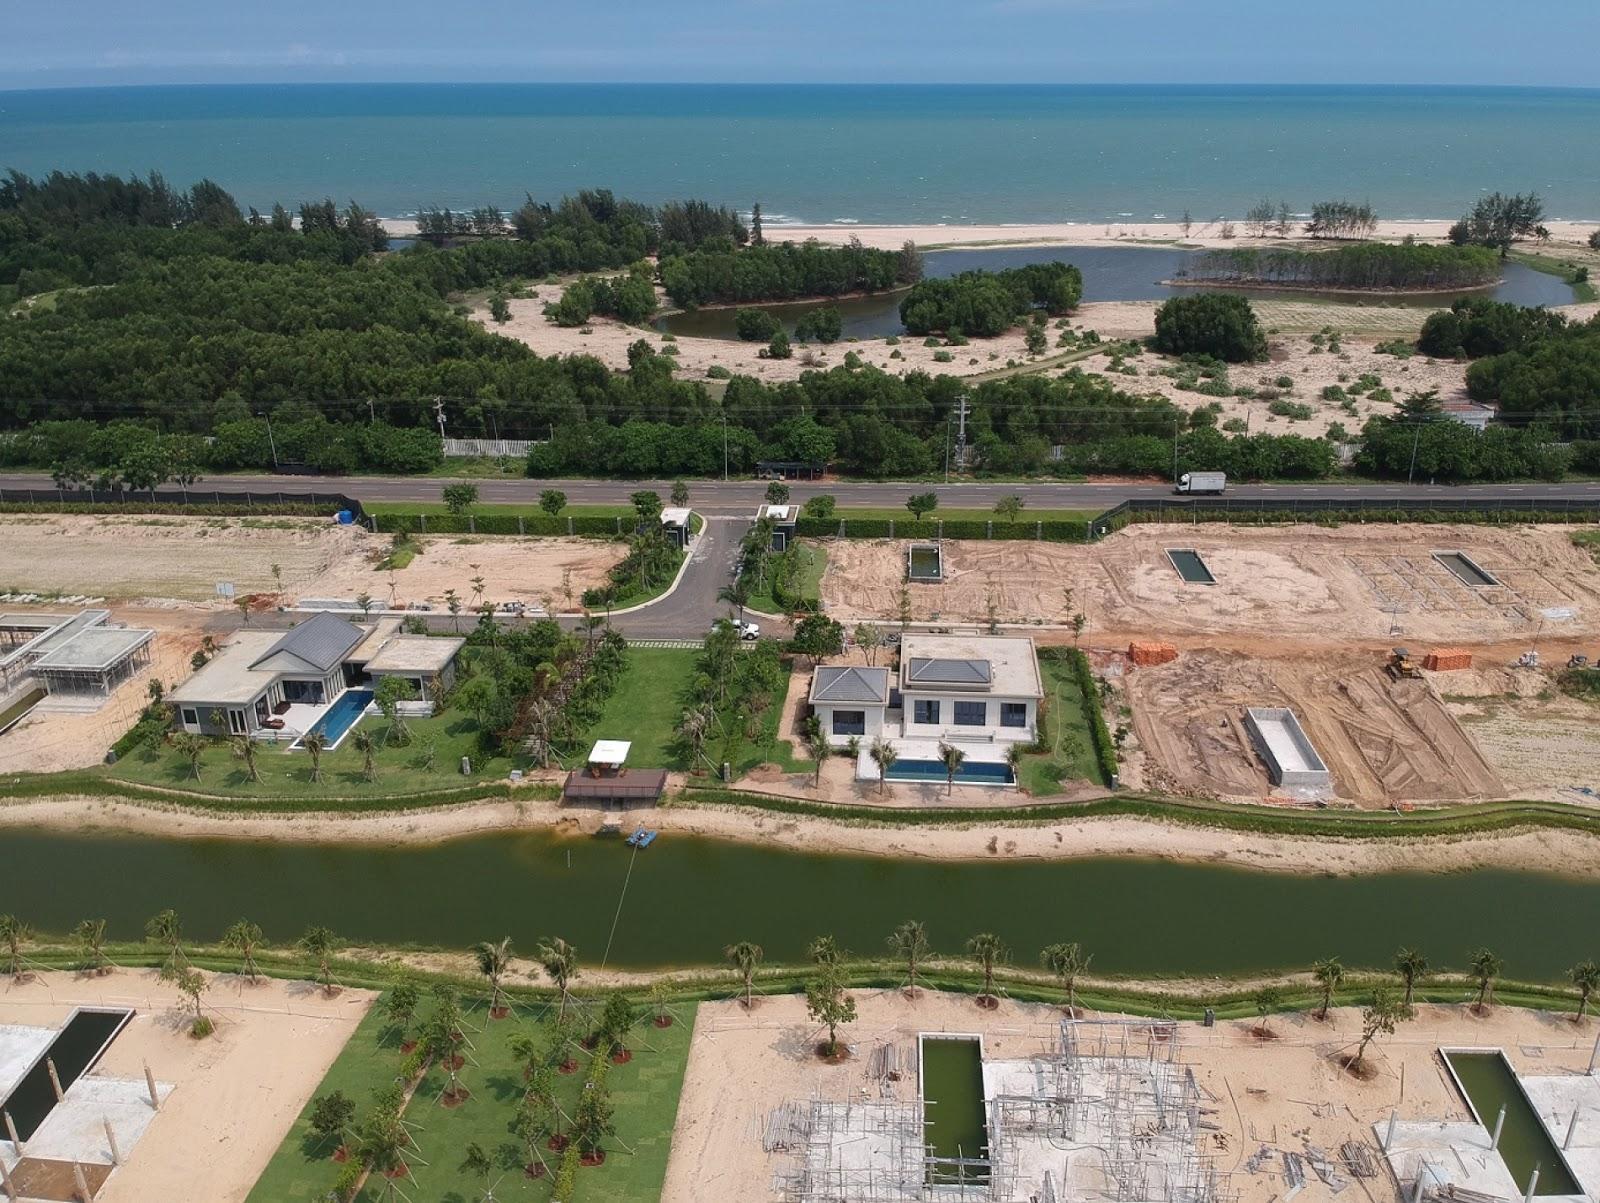 tiến độ dự án coastar hồ tràm tháng 8 năm 2018